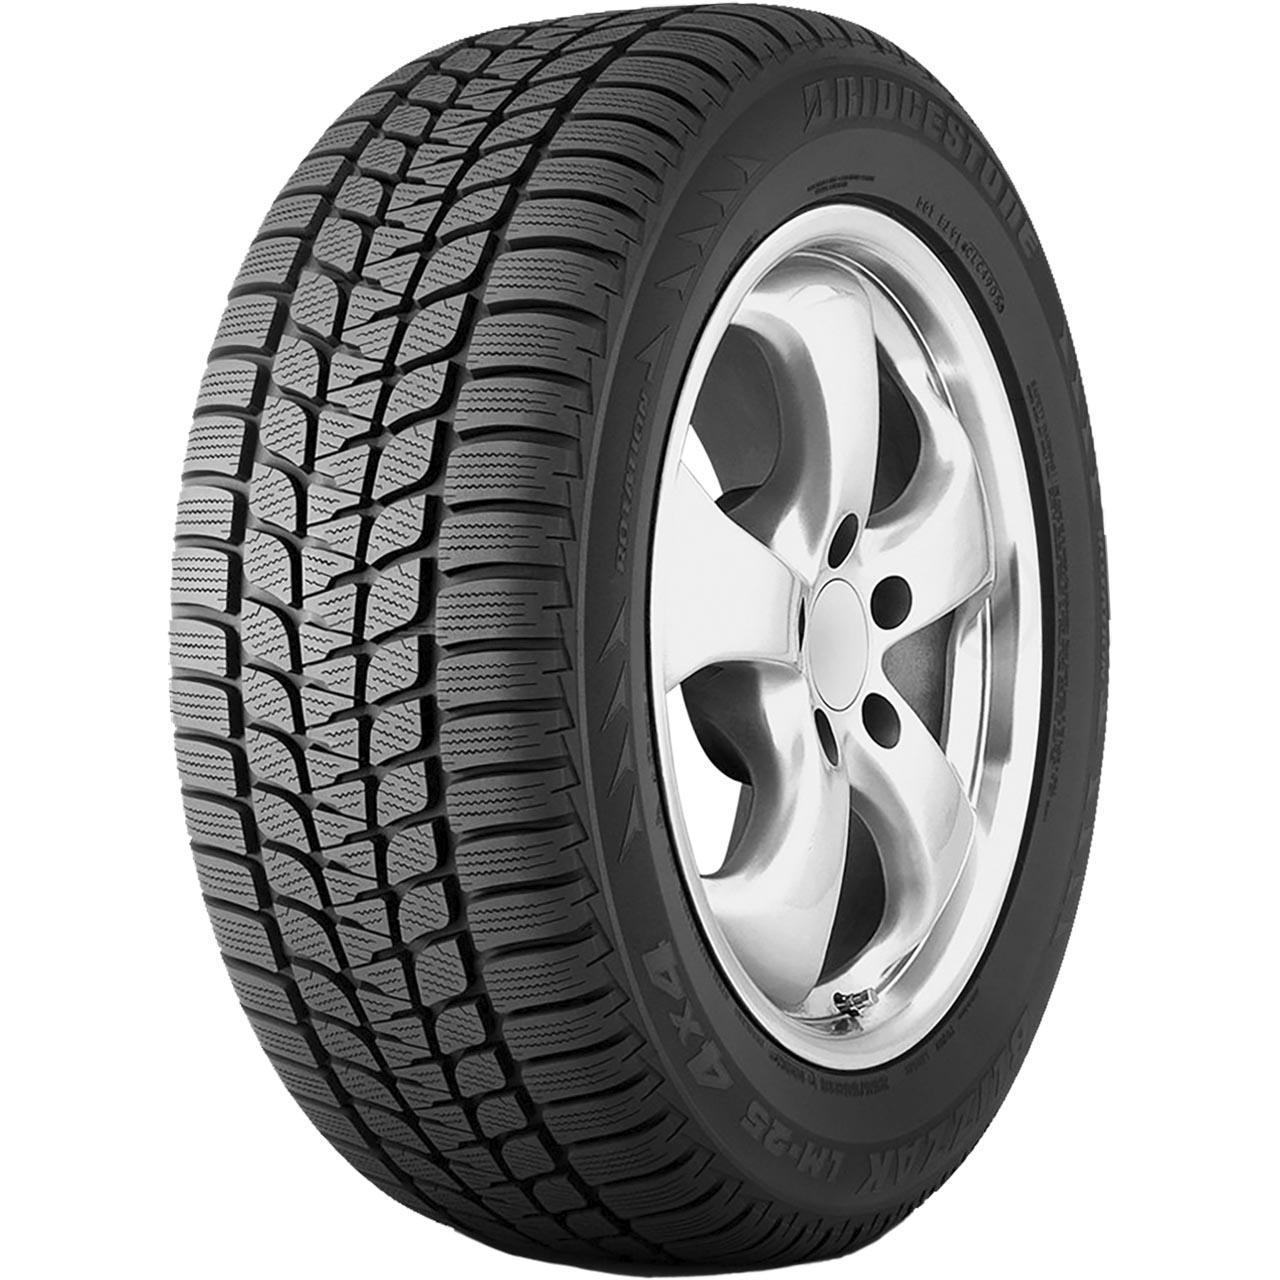 Bridgestone Blizzak LM25 255/40R18 95V RFT EXT MOE MFS